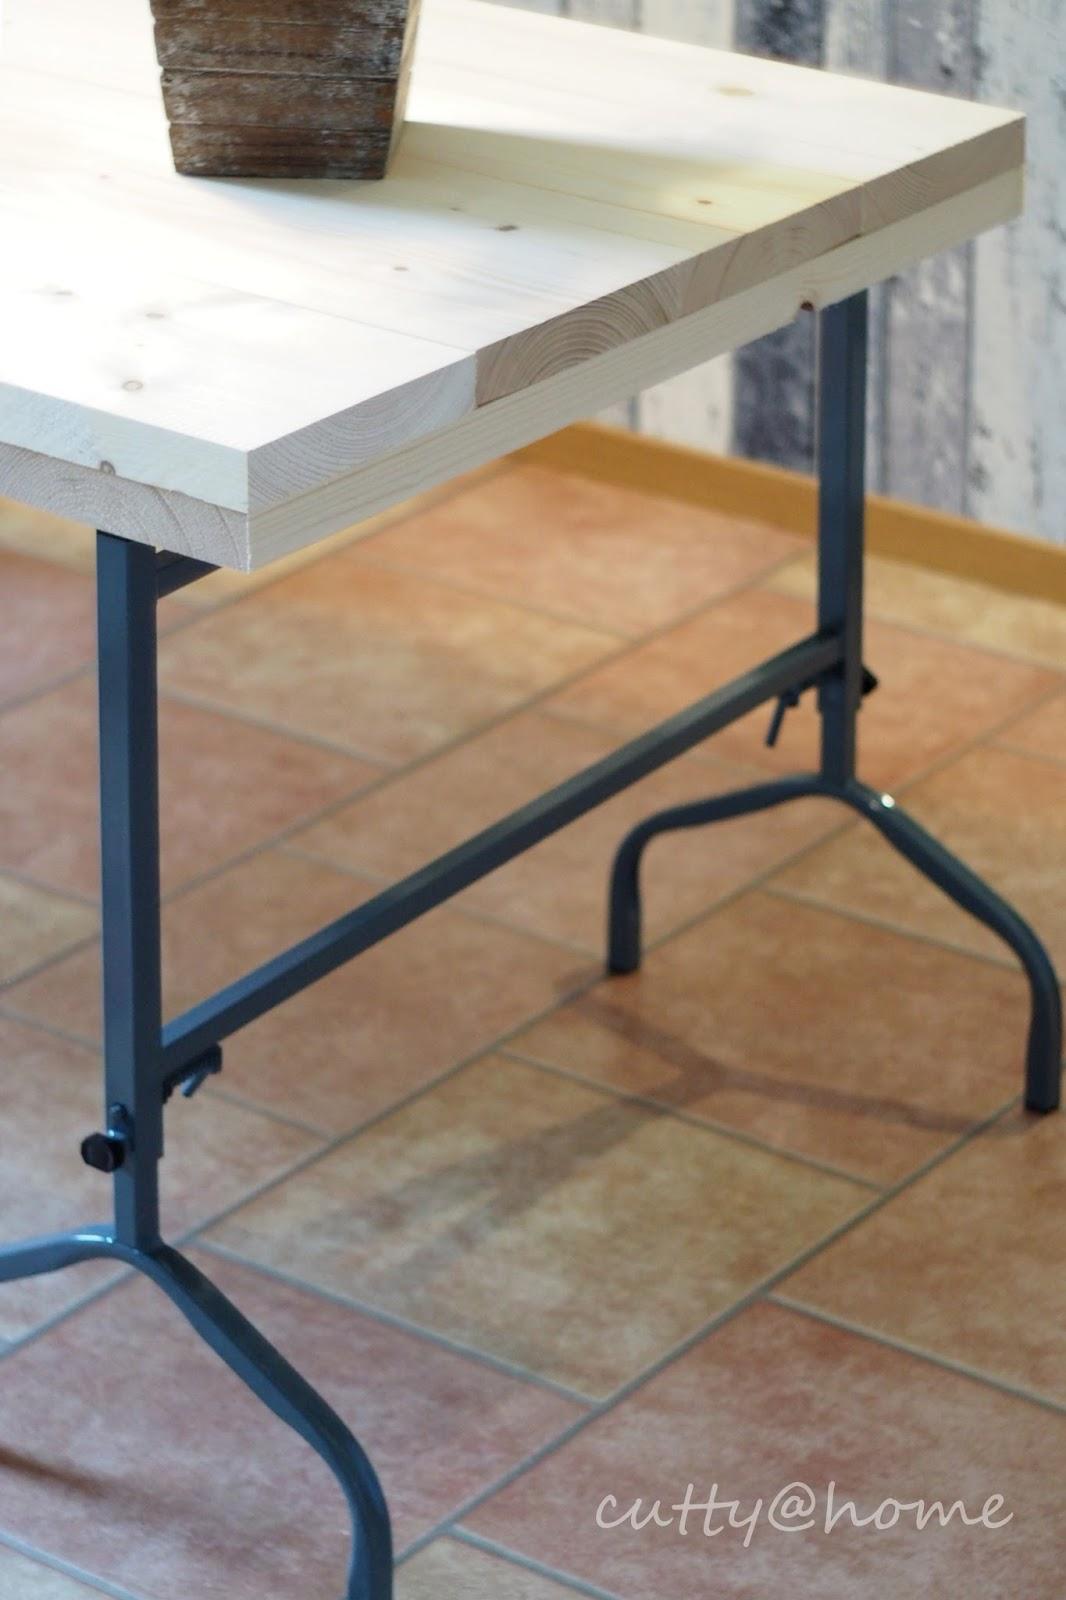 cutty home sch ner wohnen leicht gemacht diy preiswerter esstisch aus baudielen. Black Bedroom Furniture Sets. Home Design Ideas